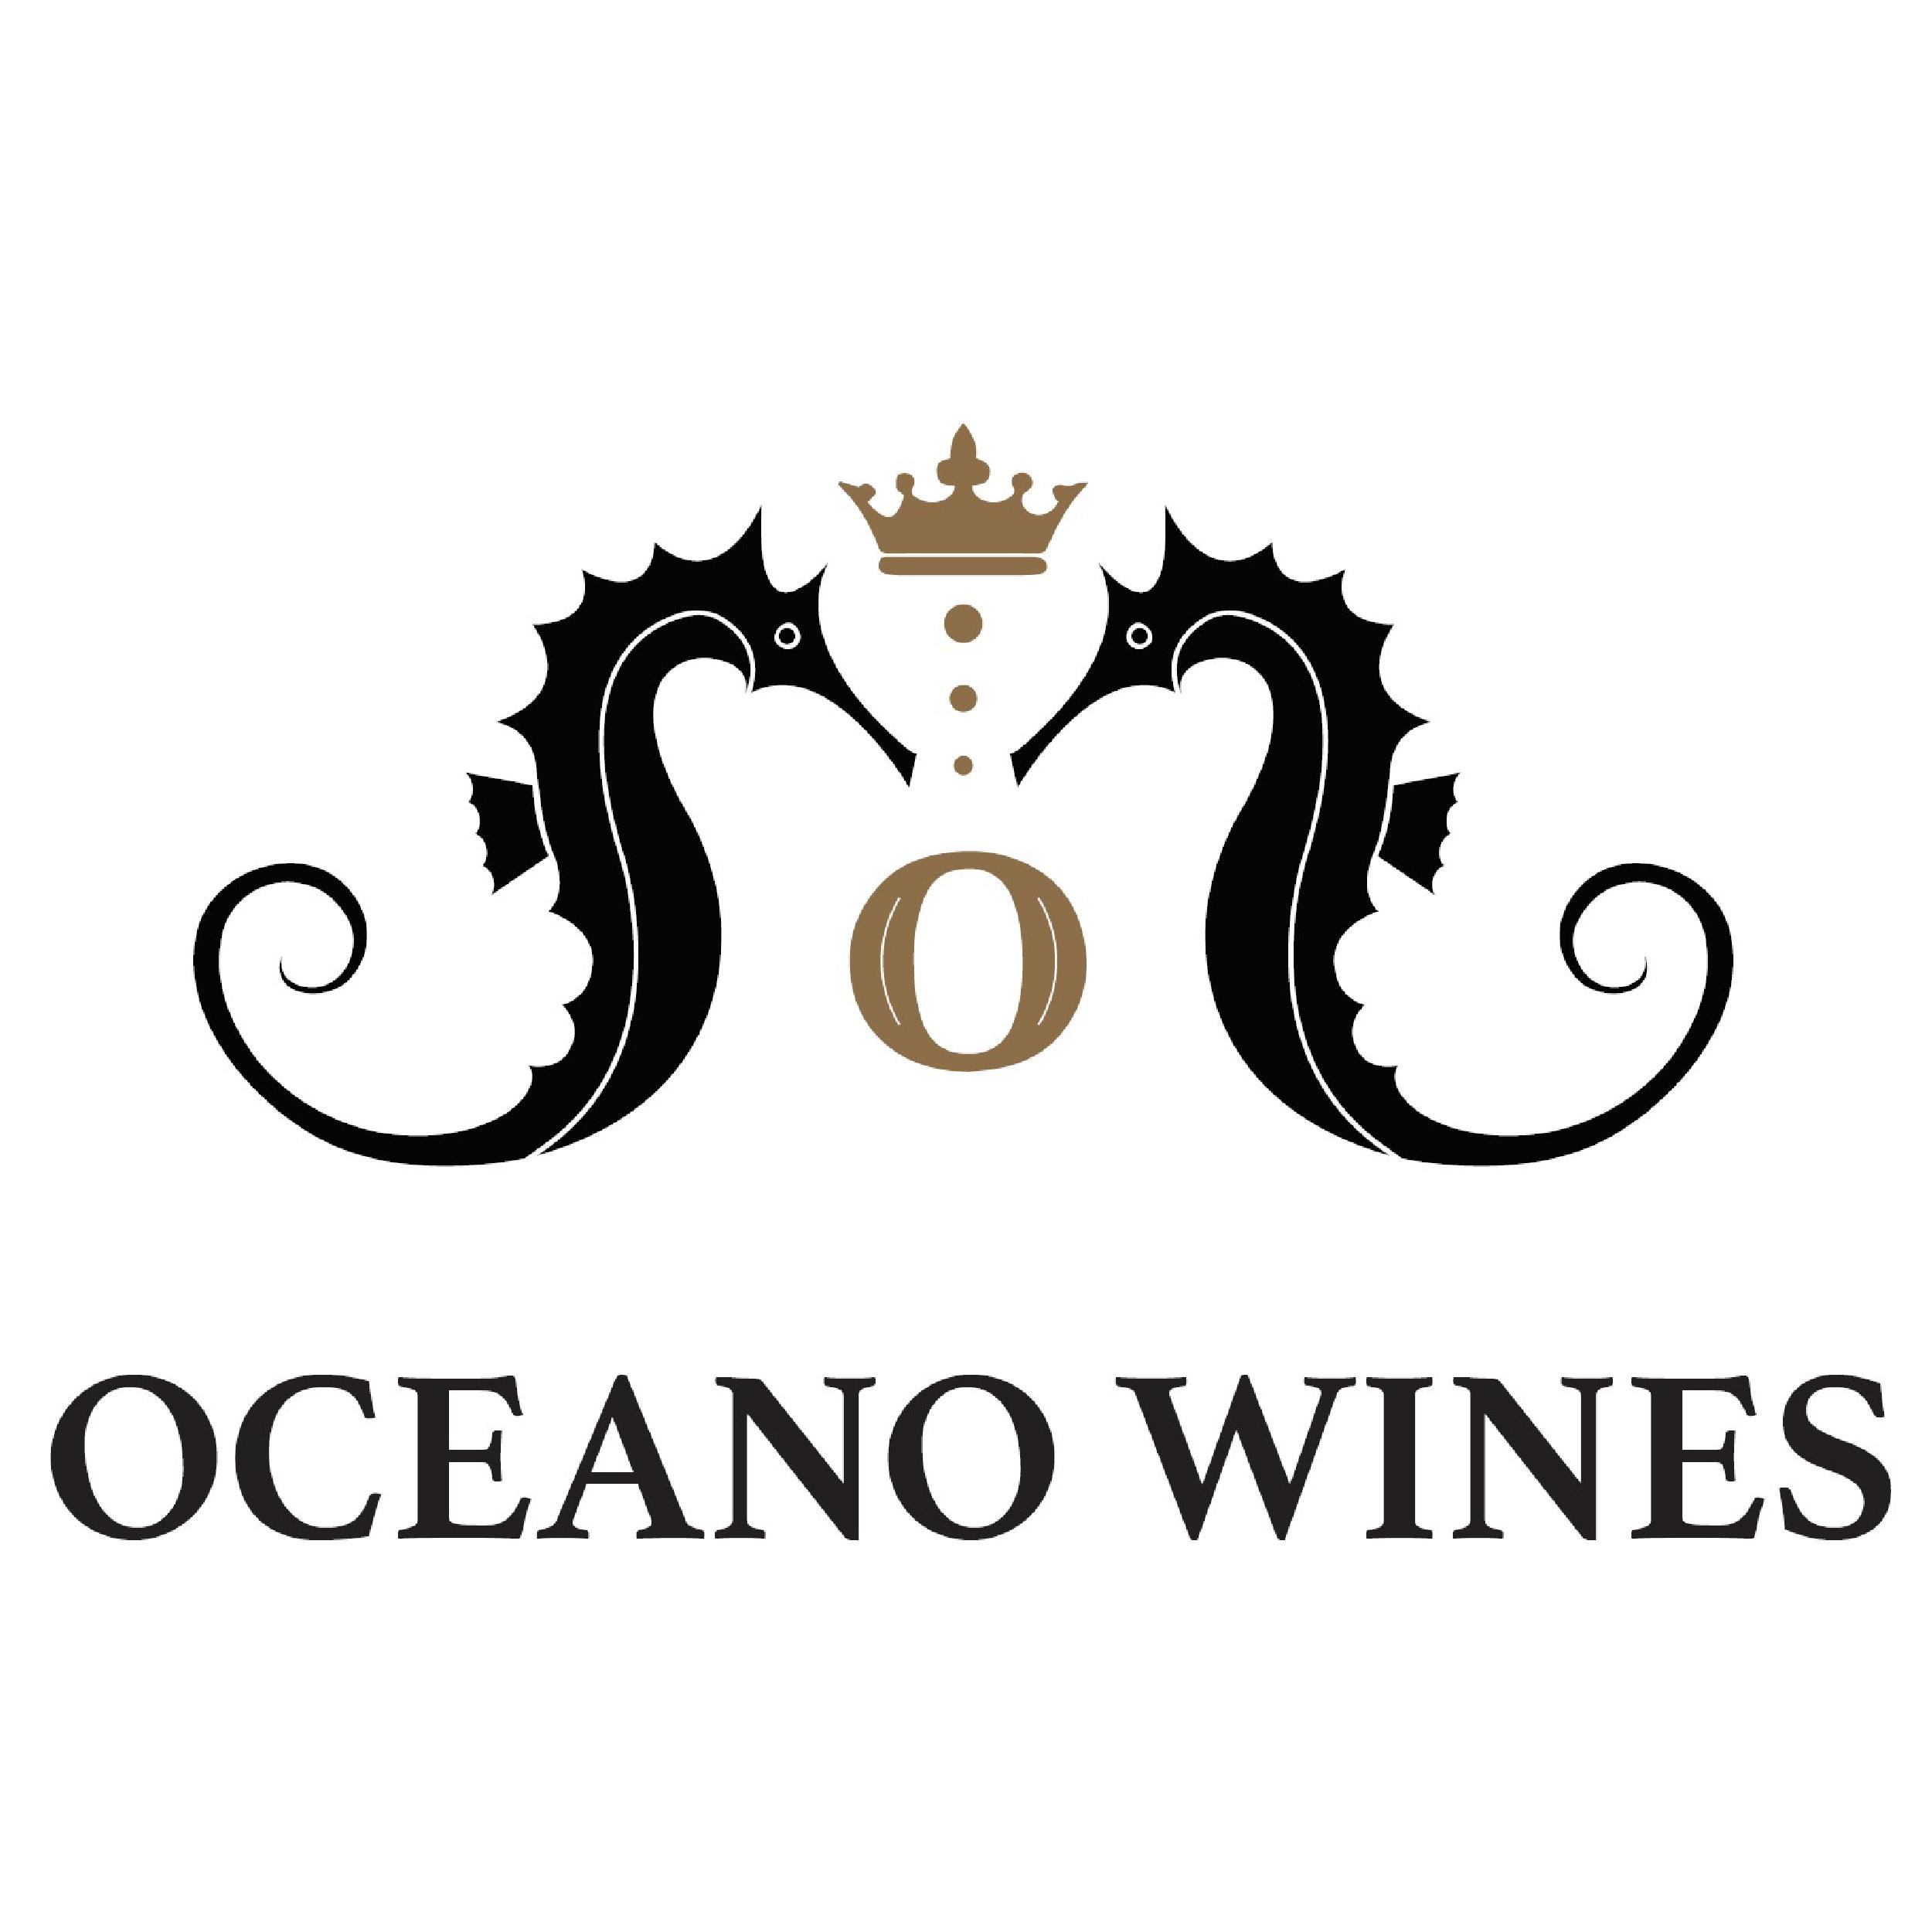 Oceano Wines-logo-01.png